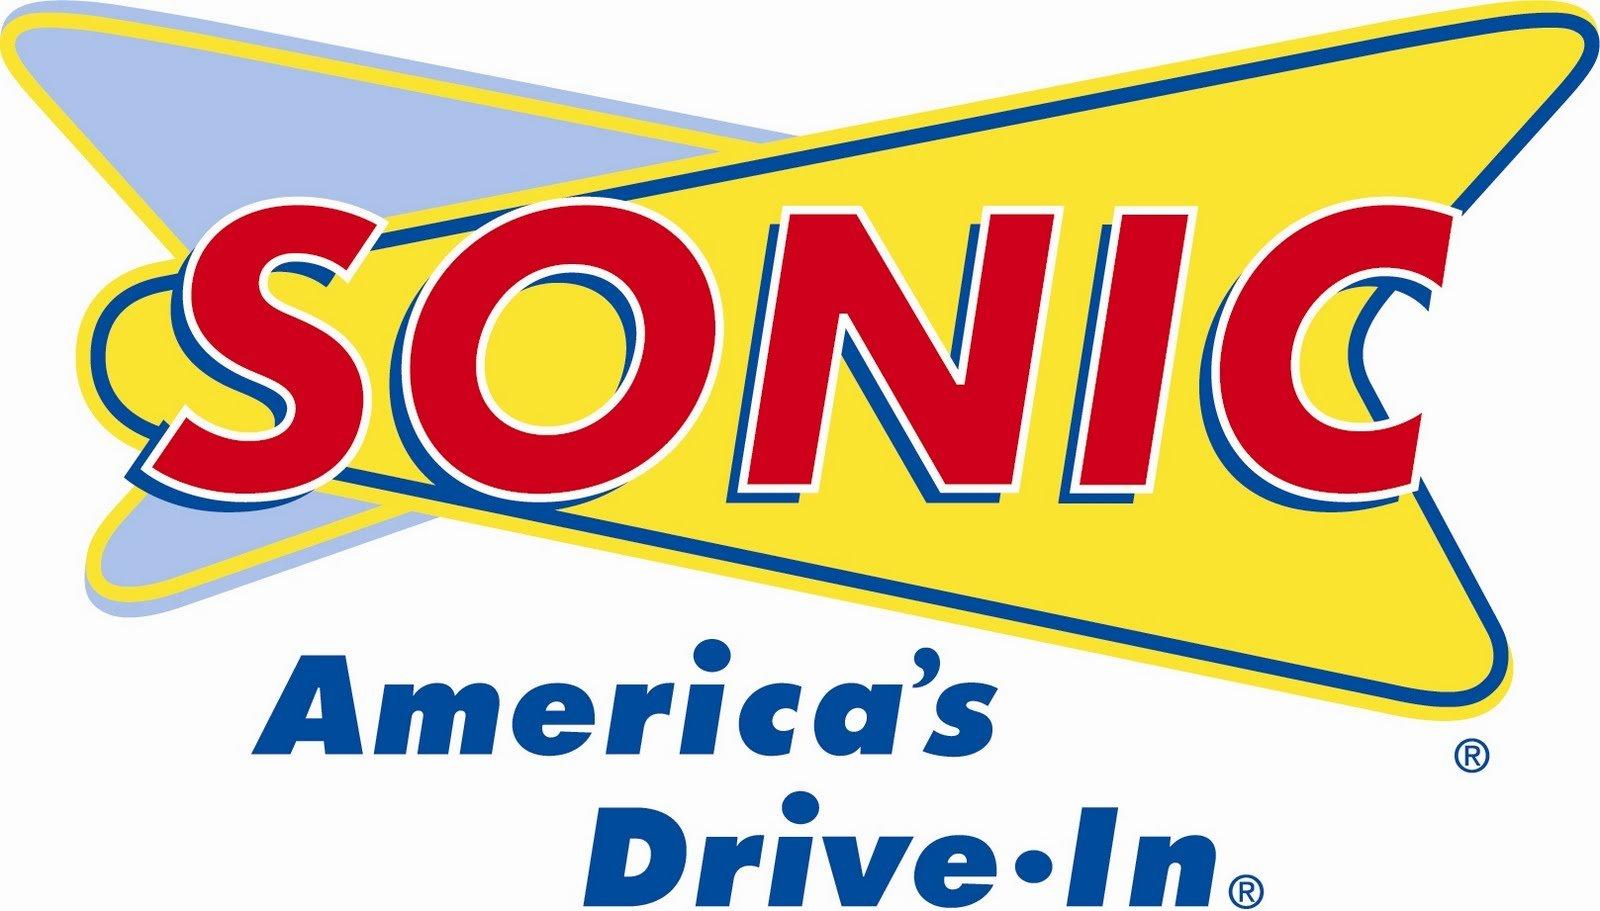 sonic-drive-in-logo-fc416b0b2af82004.jpg